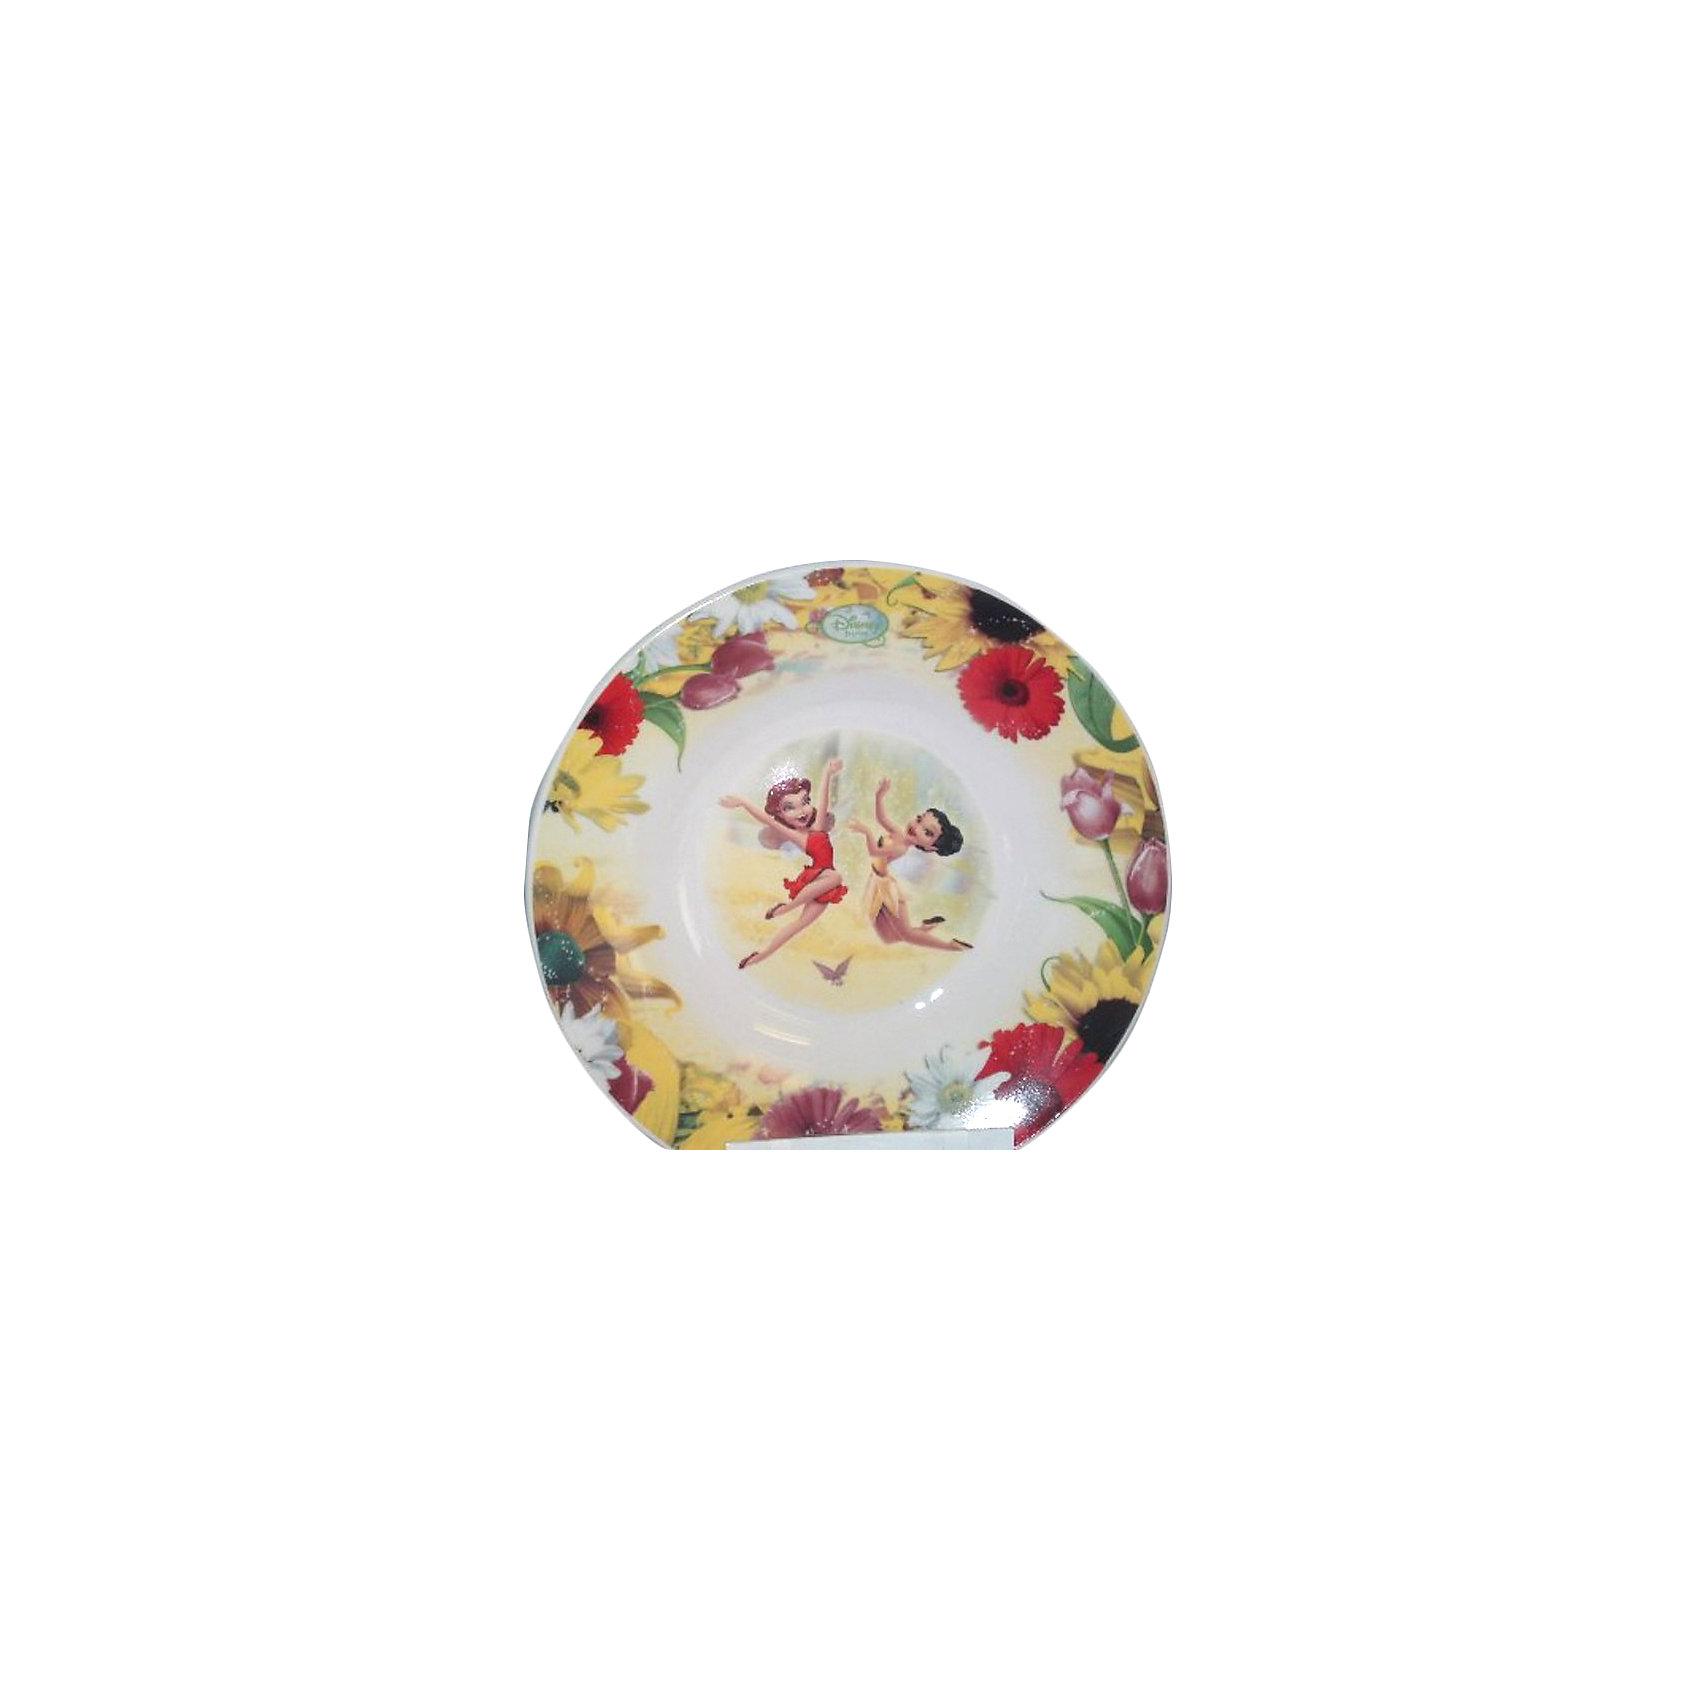 Глубокая тарелка Розетта и Иридесса 20 см, Феи ДиснейГлубокая тарелка с изображением любимых фей приведет в восторг любую девочку и сделает любой прием пищи желанным и интересным.  Тарелка изготовлена из высококачественного экологичного пластика, она не бьется, поэтому, безопасна даже для малышей. Ее удобно брать с собой в поездки или же на природу. Рисунок выполнен стойкими гипоаллергенными красителями.<br><br>Дополнительная информация:<br><br>- Материал: пластик.<br>- Размер: d - 20 см. <br>- Оформлена изображением Розетты и Иридессы.<br><br>Глубокая тарелка Розетта и Иридесса 20 см, Феи Дисней (Disney Fairies) можно купить в нашем магазине.<br><br>Ширина мм: 200<br>Глубина мм: 200<br>Высота мм: 80<br>Вес г: 385<br>Возраст от месяцев: 36<br>Возраст до месяцев: 108<br>Пол: Женский<br>Возраст: Детский<br>SKU: 4340608